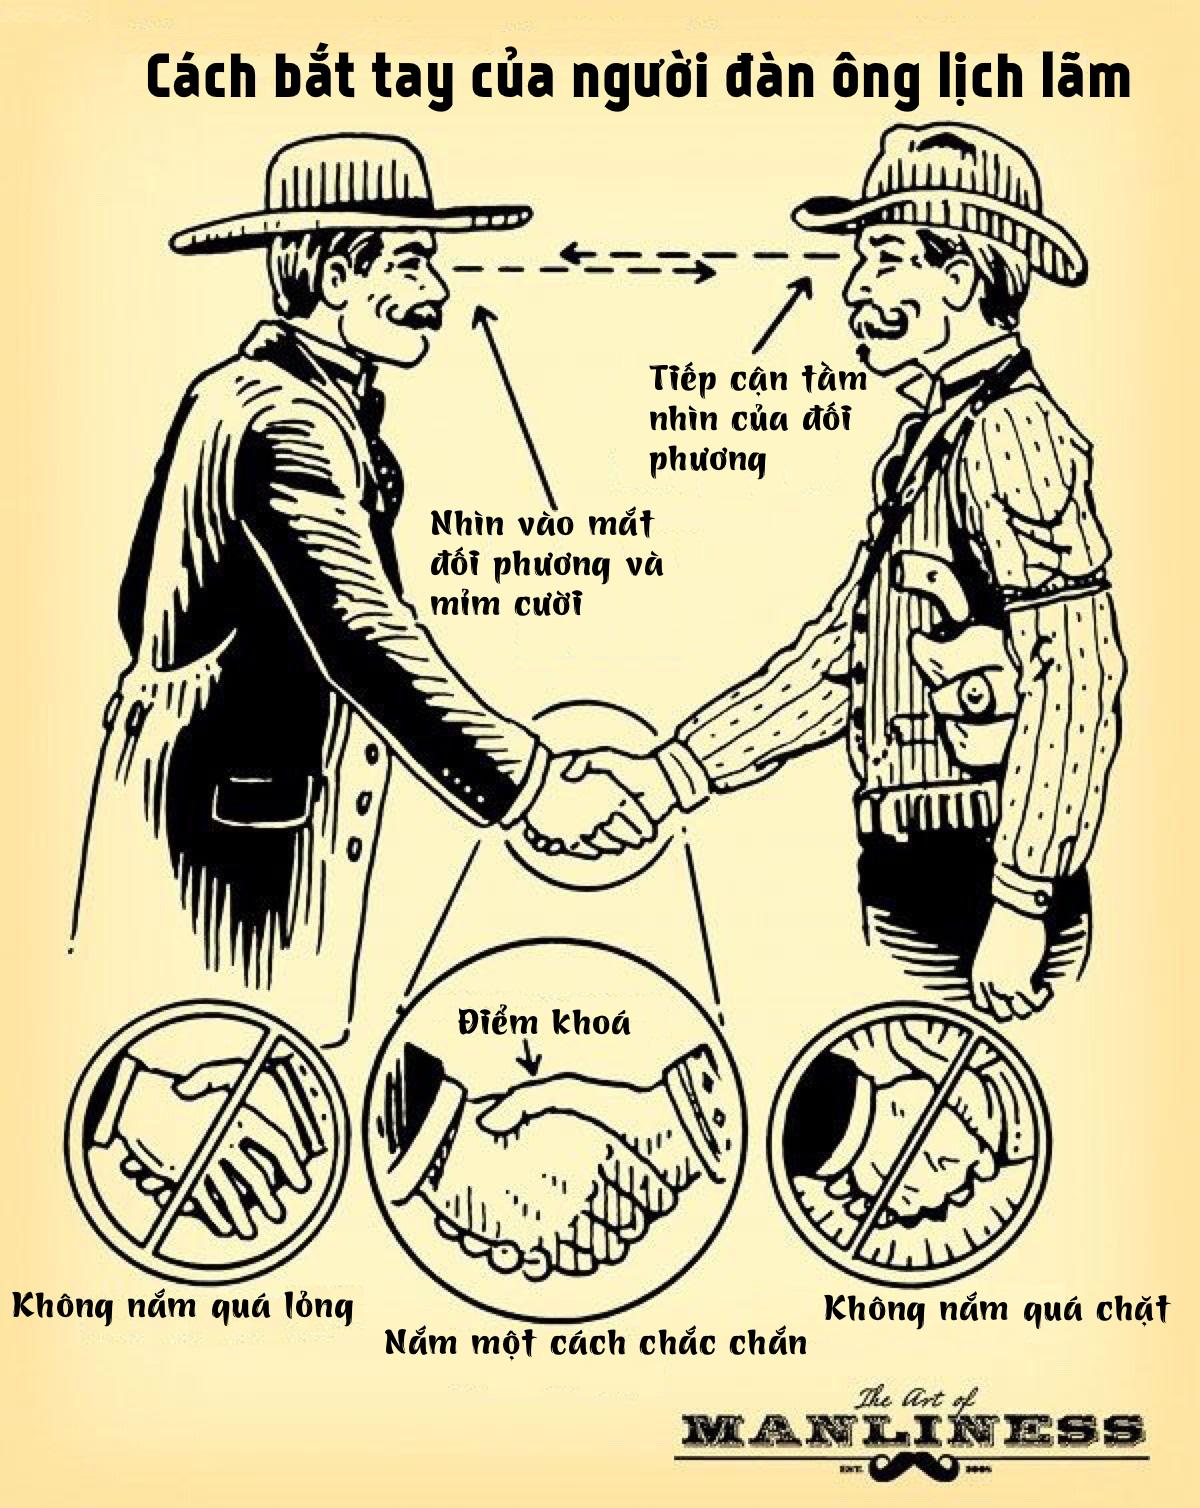 Nguyên tắc khi bắt tay để trở nên lịch thiệp hơn trong mắt người khác - Ảnh 1.